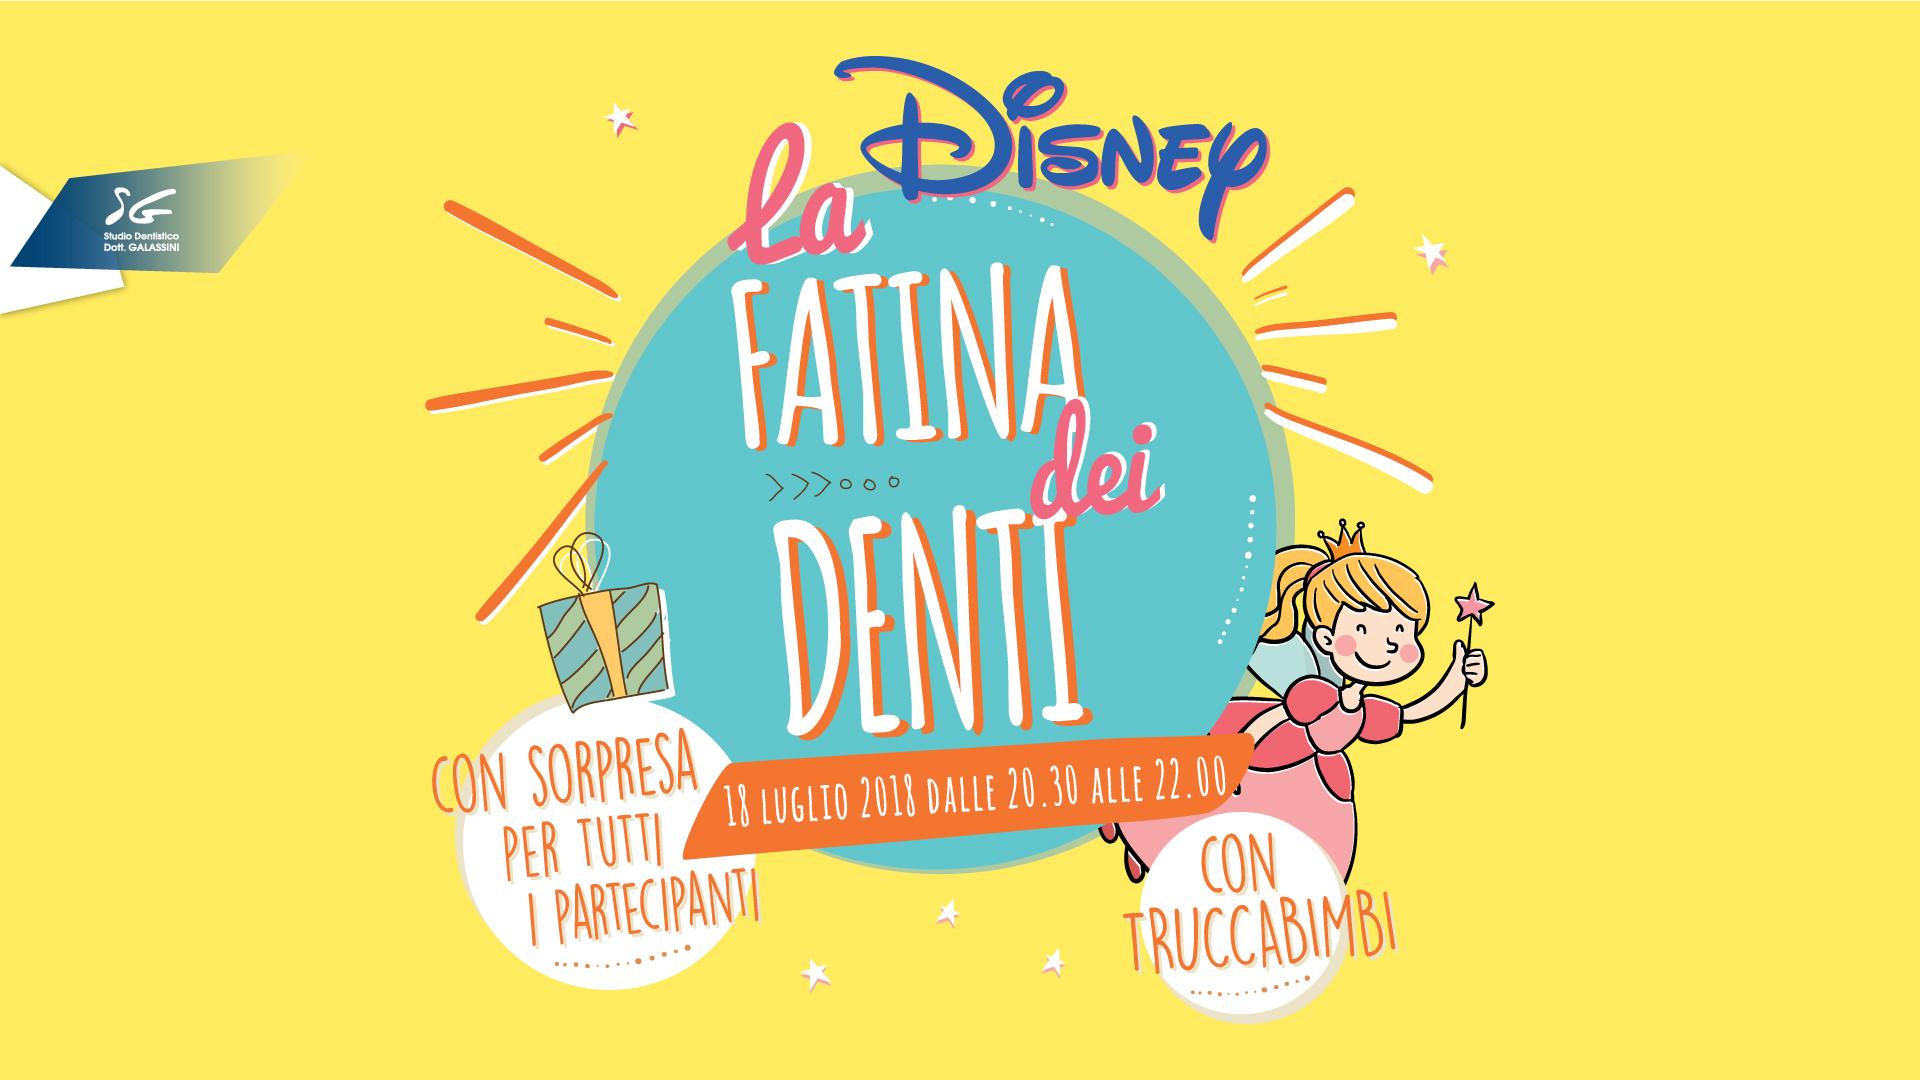 Fatina dei denti – Mercoledì 18 Luglio 2018